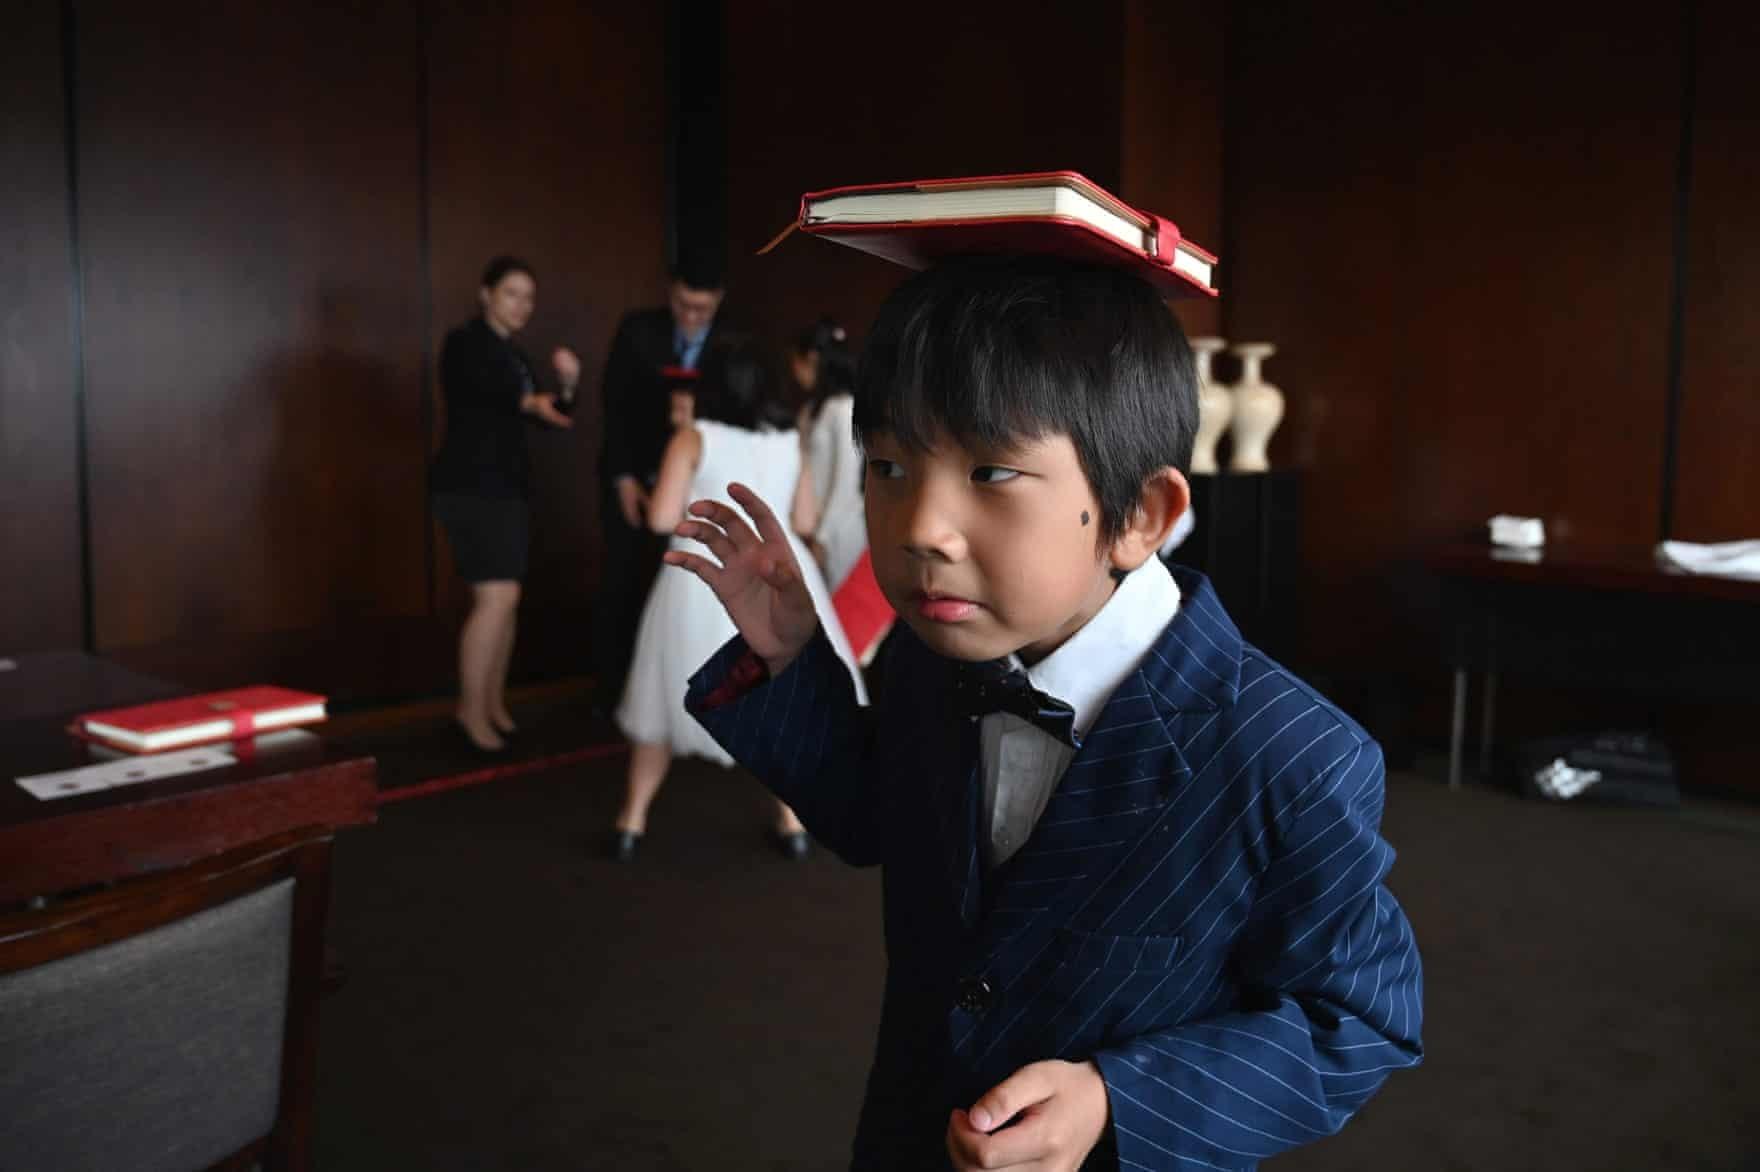 """Cận cảnh lớp học để trở thành """"giới thượng lưu"""" ở Thượng Hải"""